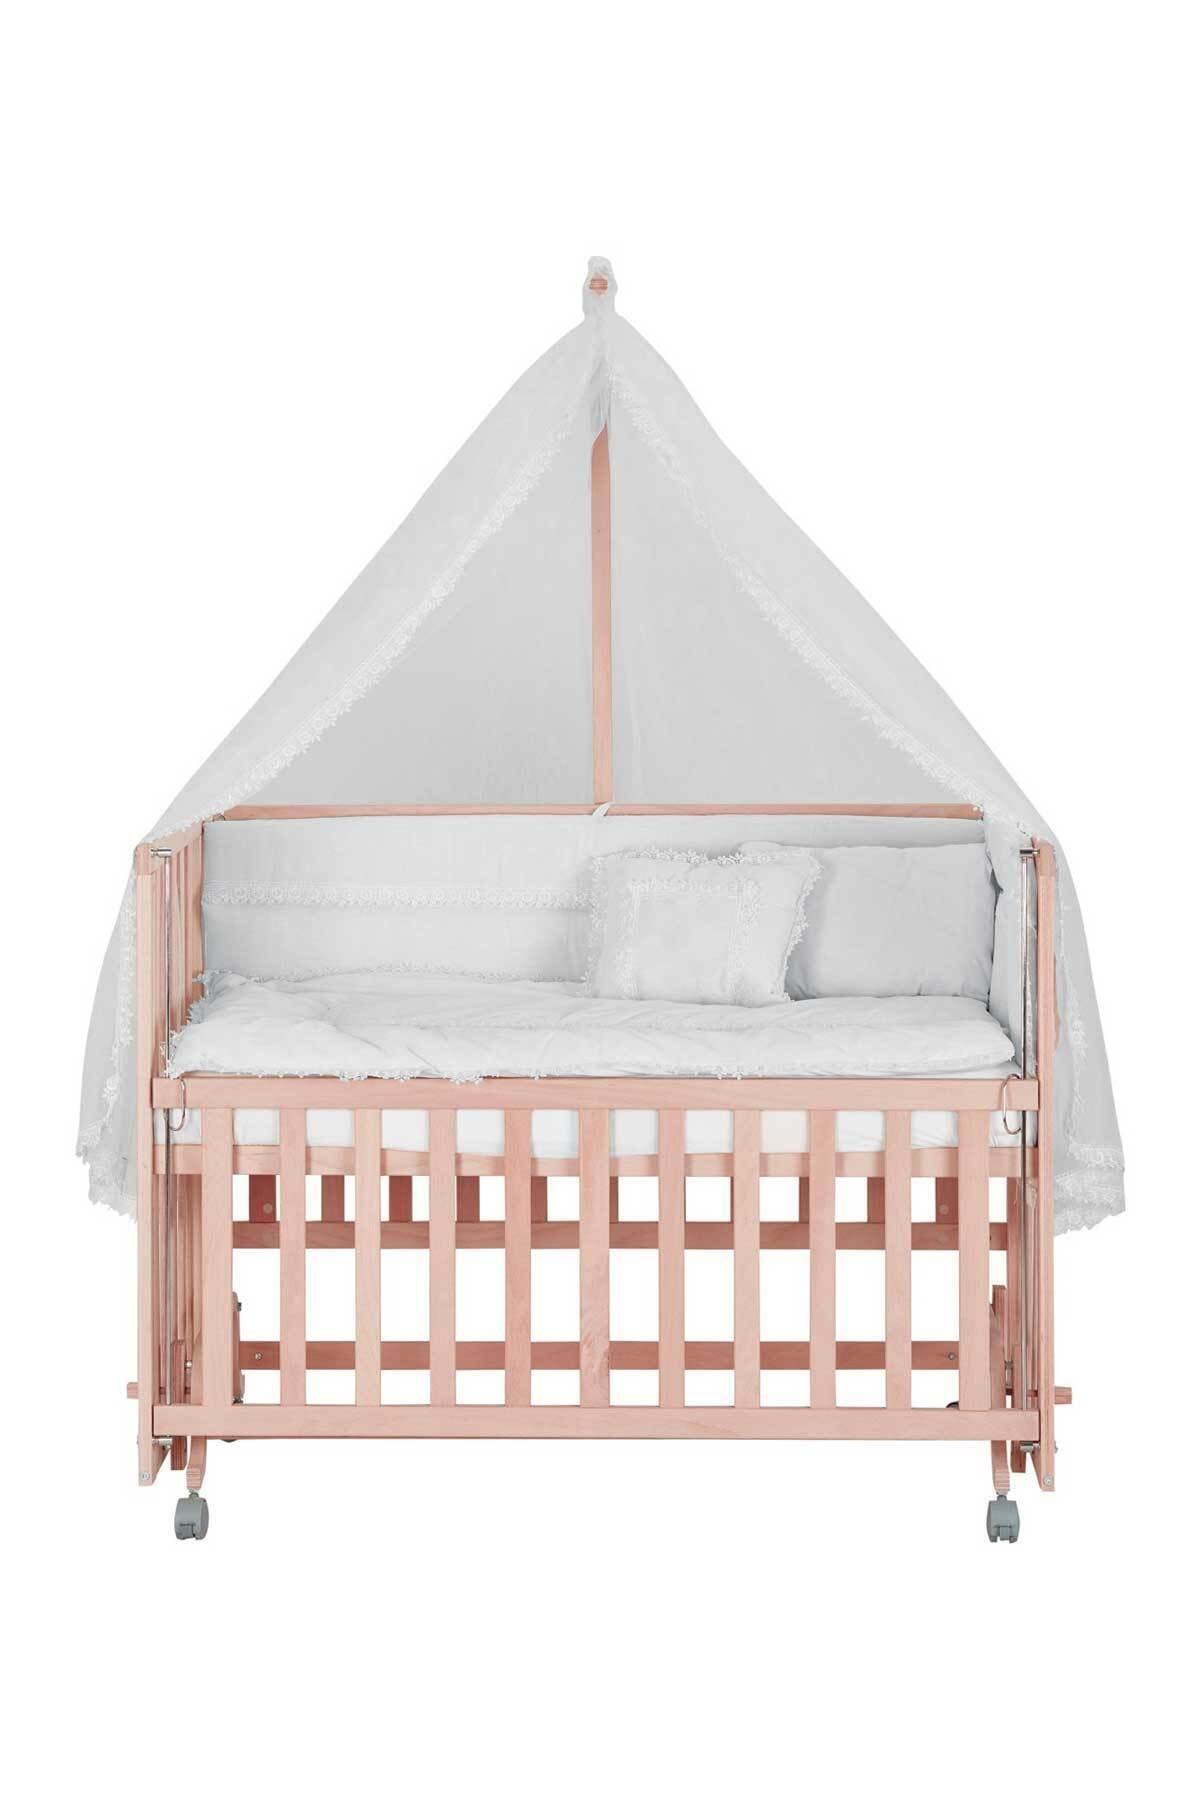 Anne Yanı Doğal Boyasız Ahşap Kademeli Beşik 70x130 Tekerlekli + Beyaz Uyku Seti